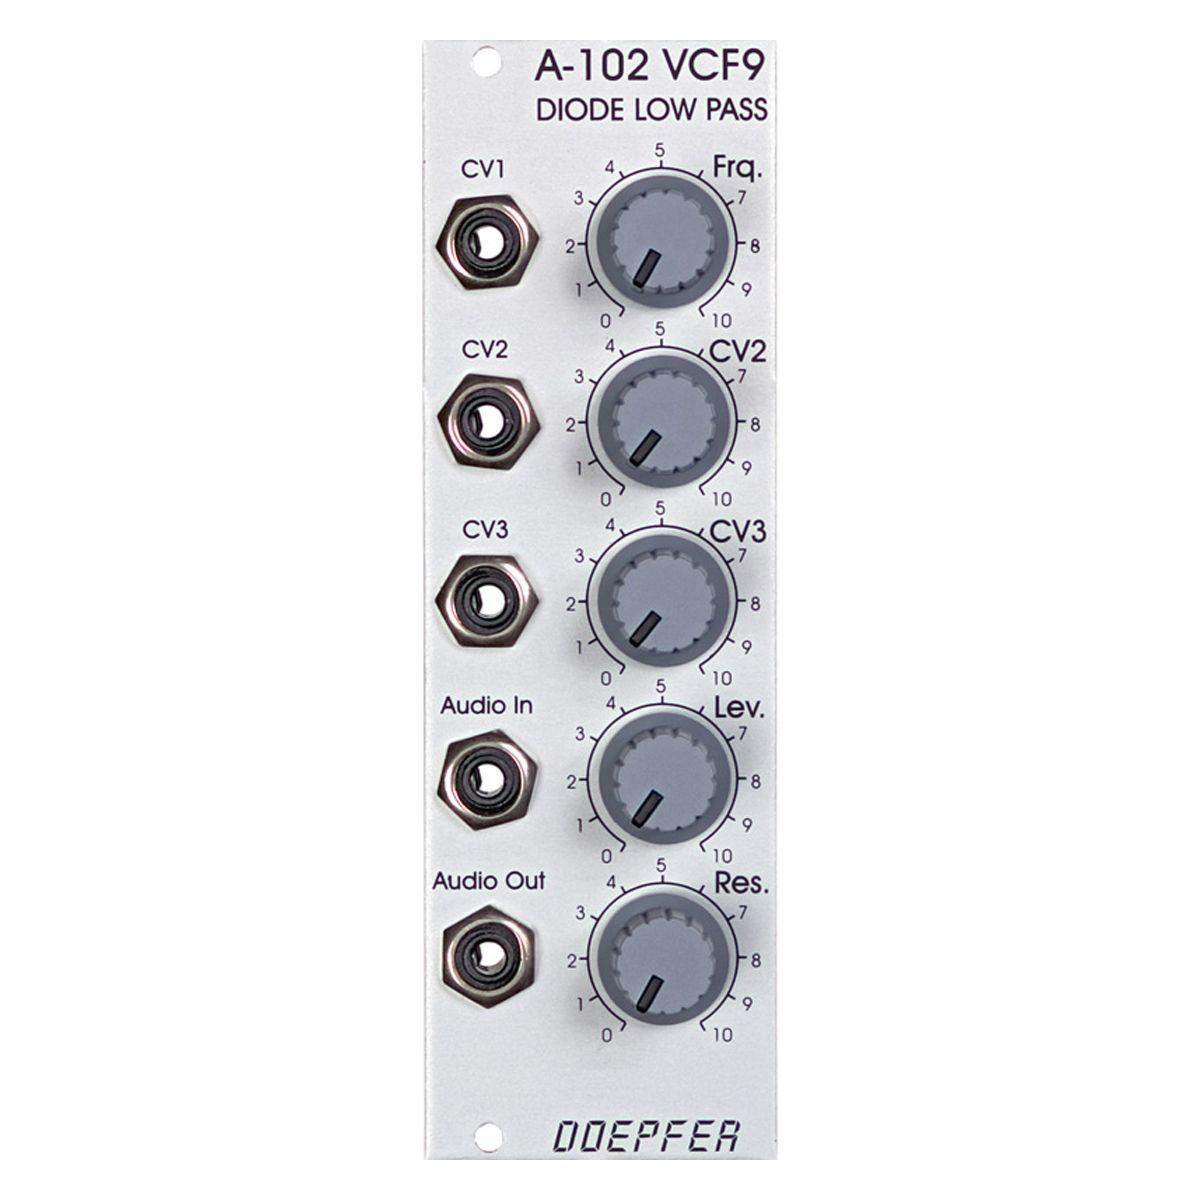 Doepfer A-102 Eurorack Diode Low Pass Filter Module